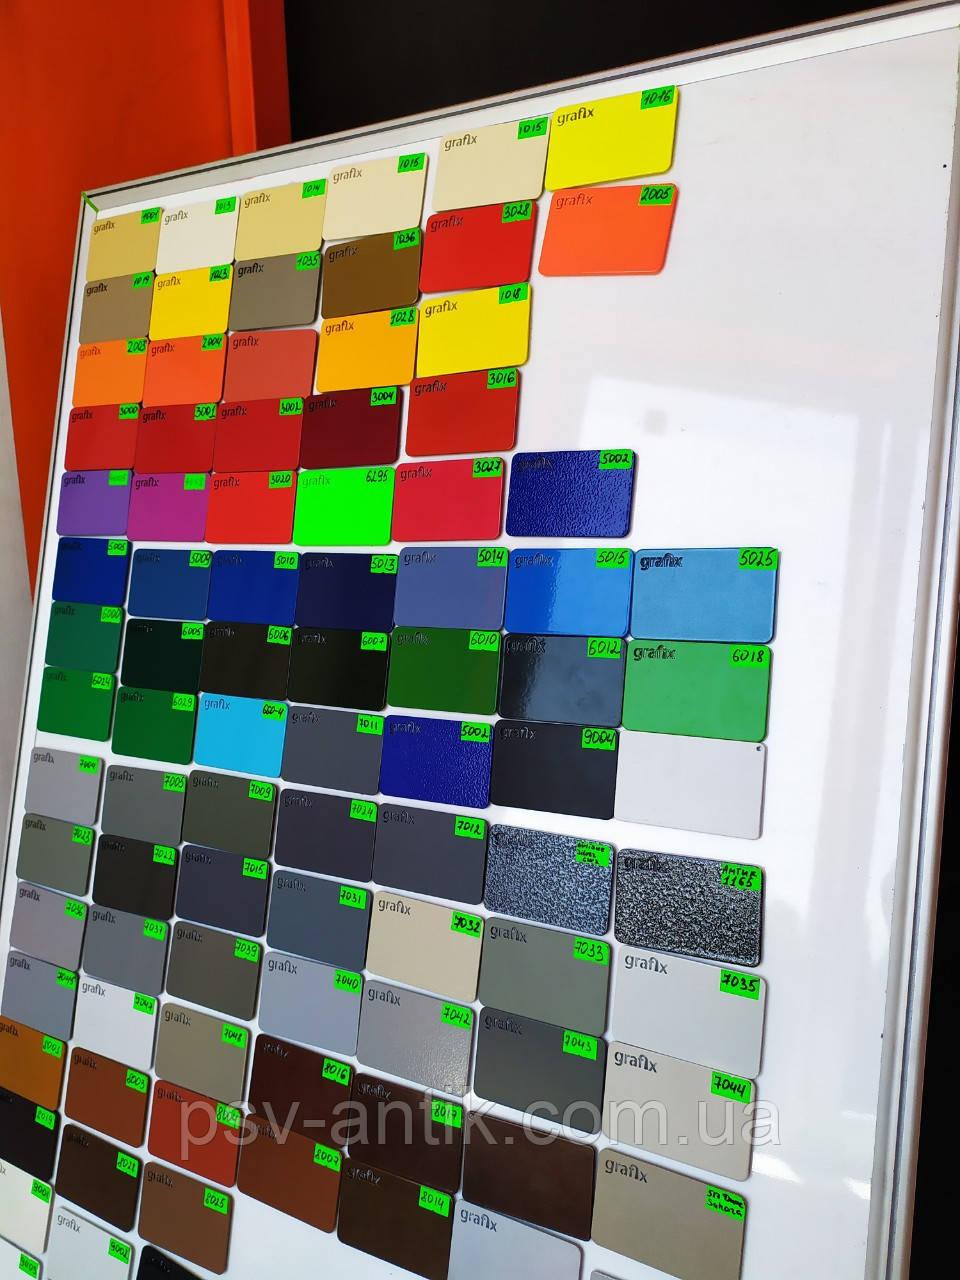 Порошковая краска структурная, полиэфирная, индустриальная, 7021